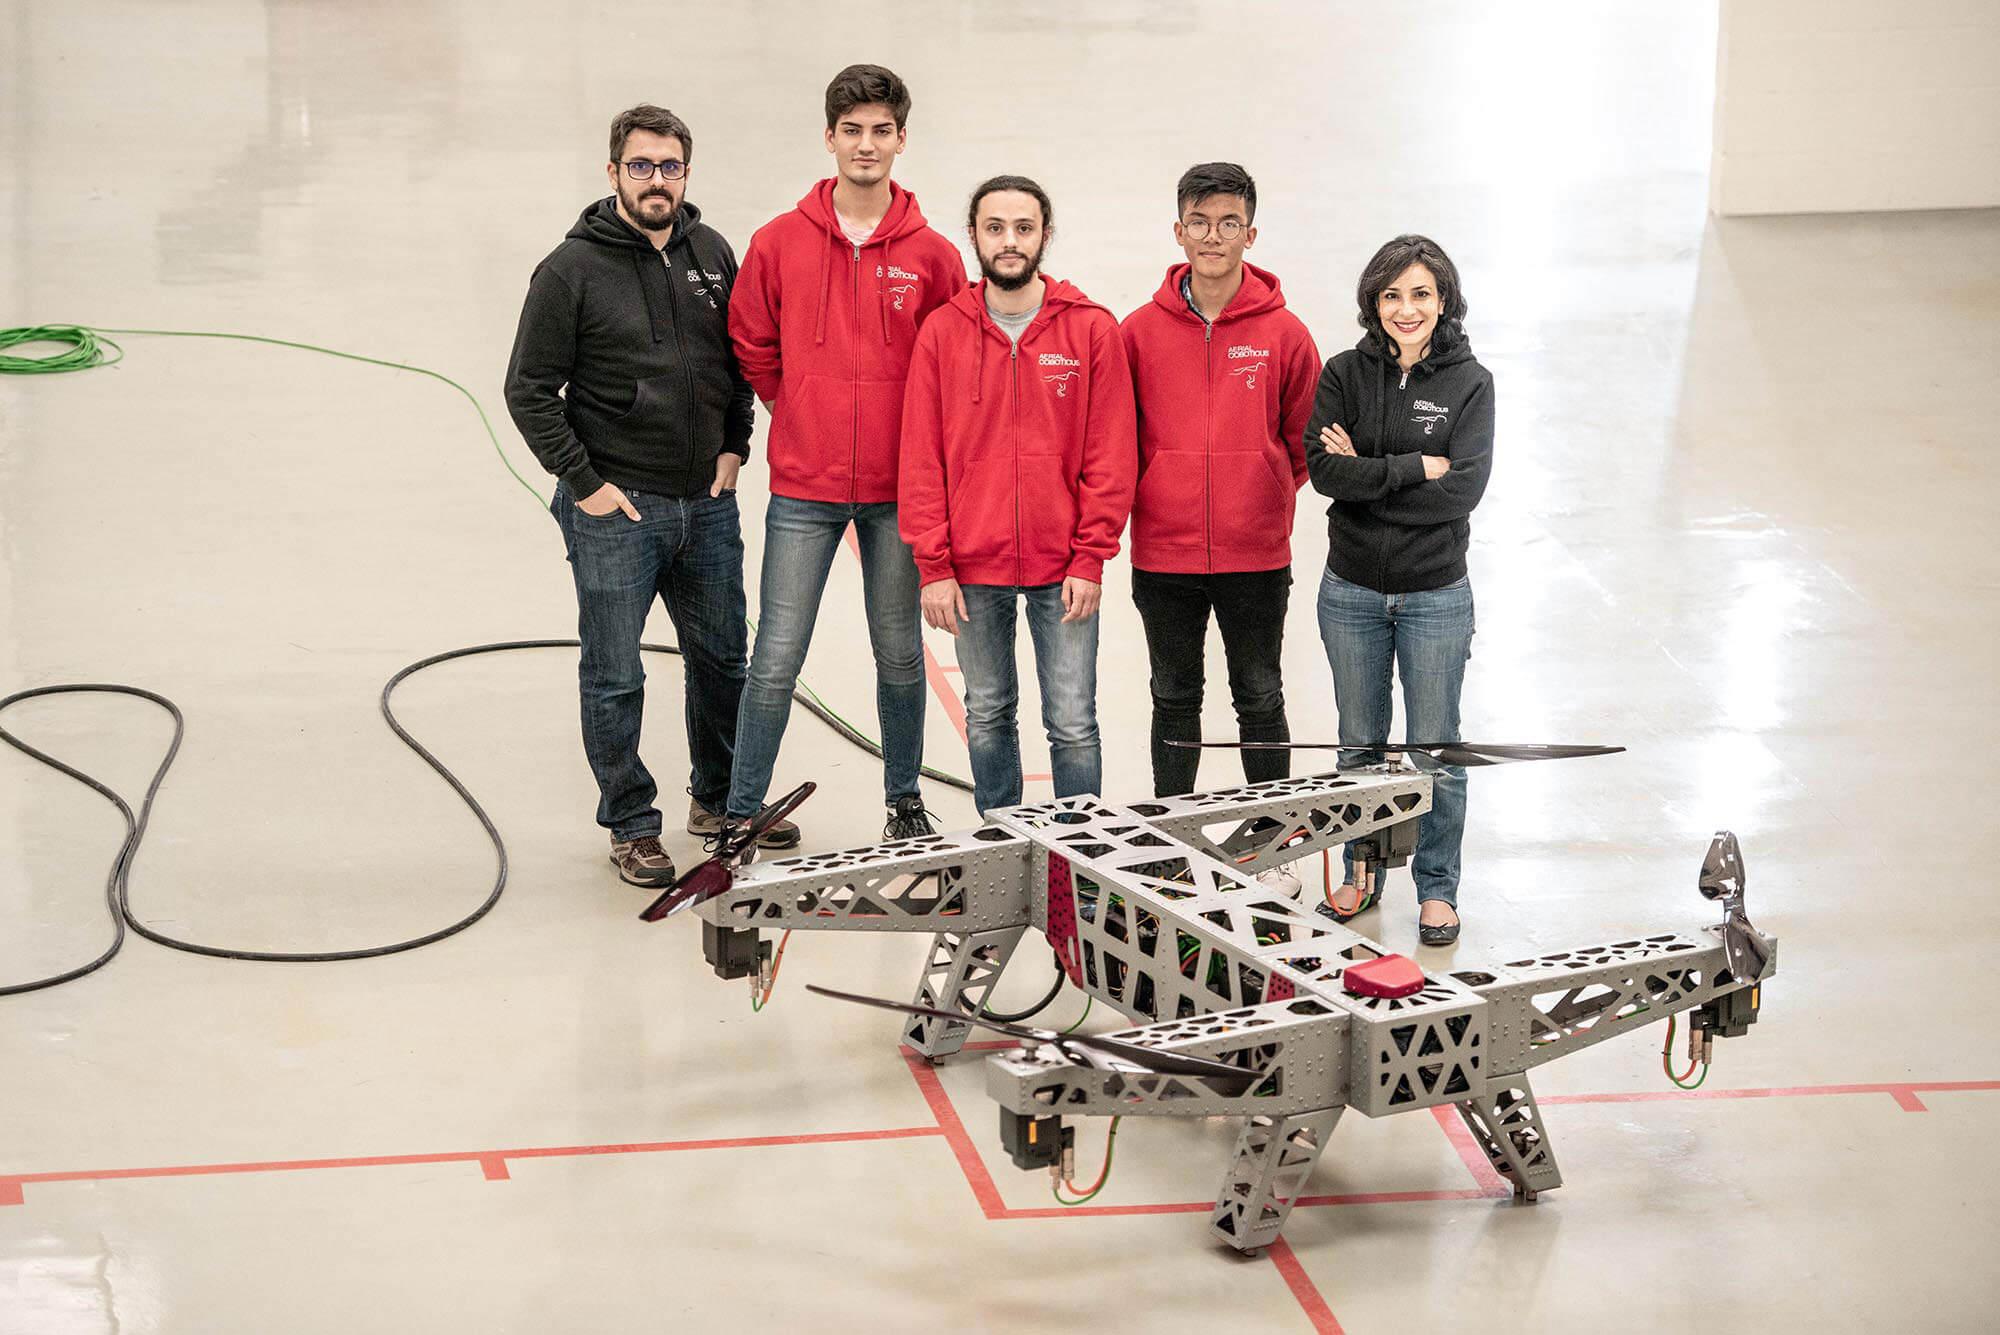 L'équipe qui conçoit et développe les Aerial Machine (drones)